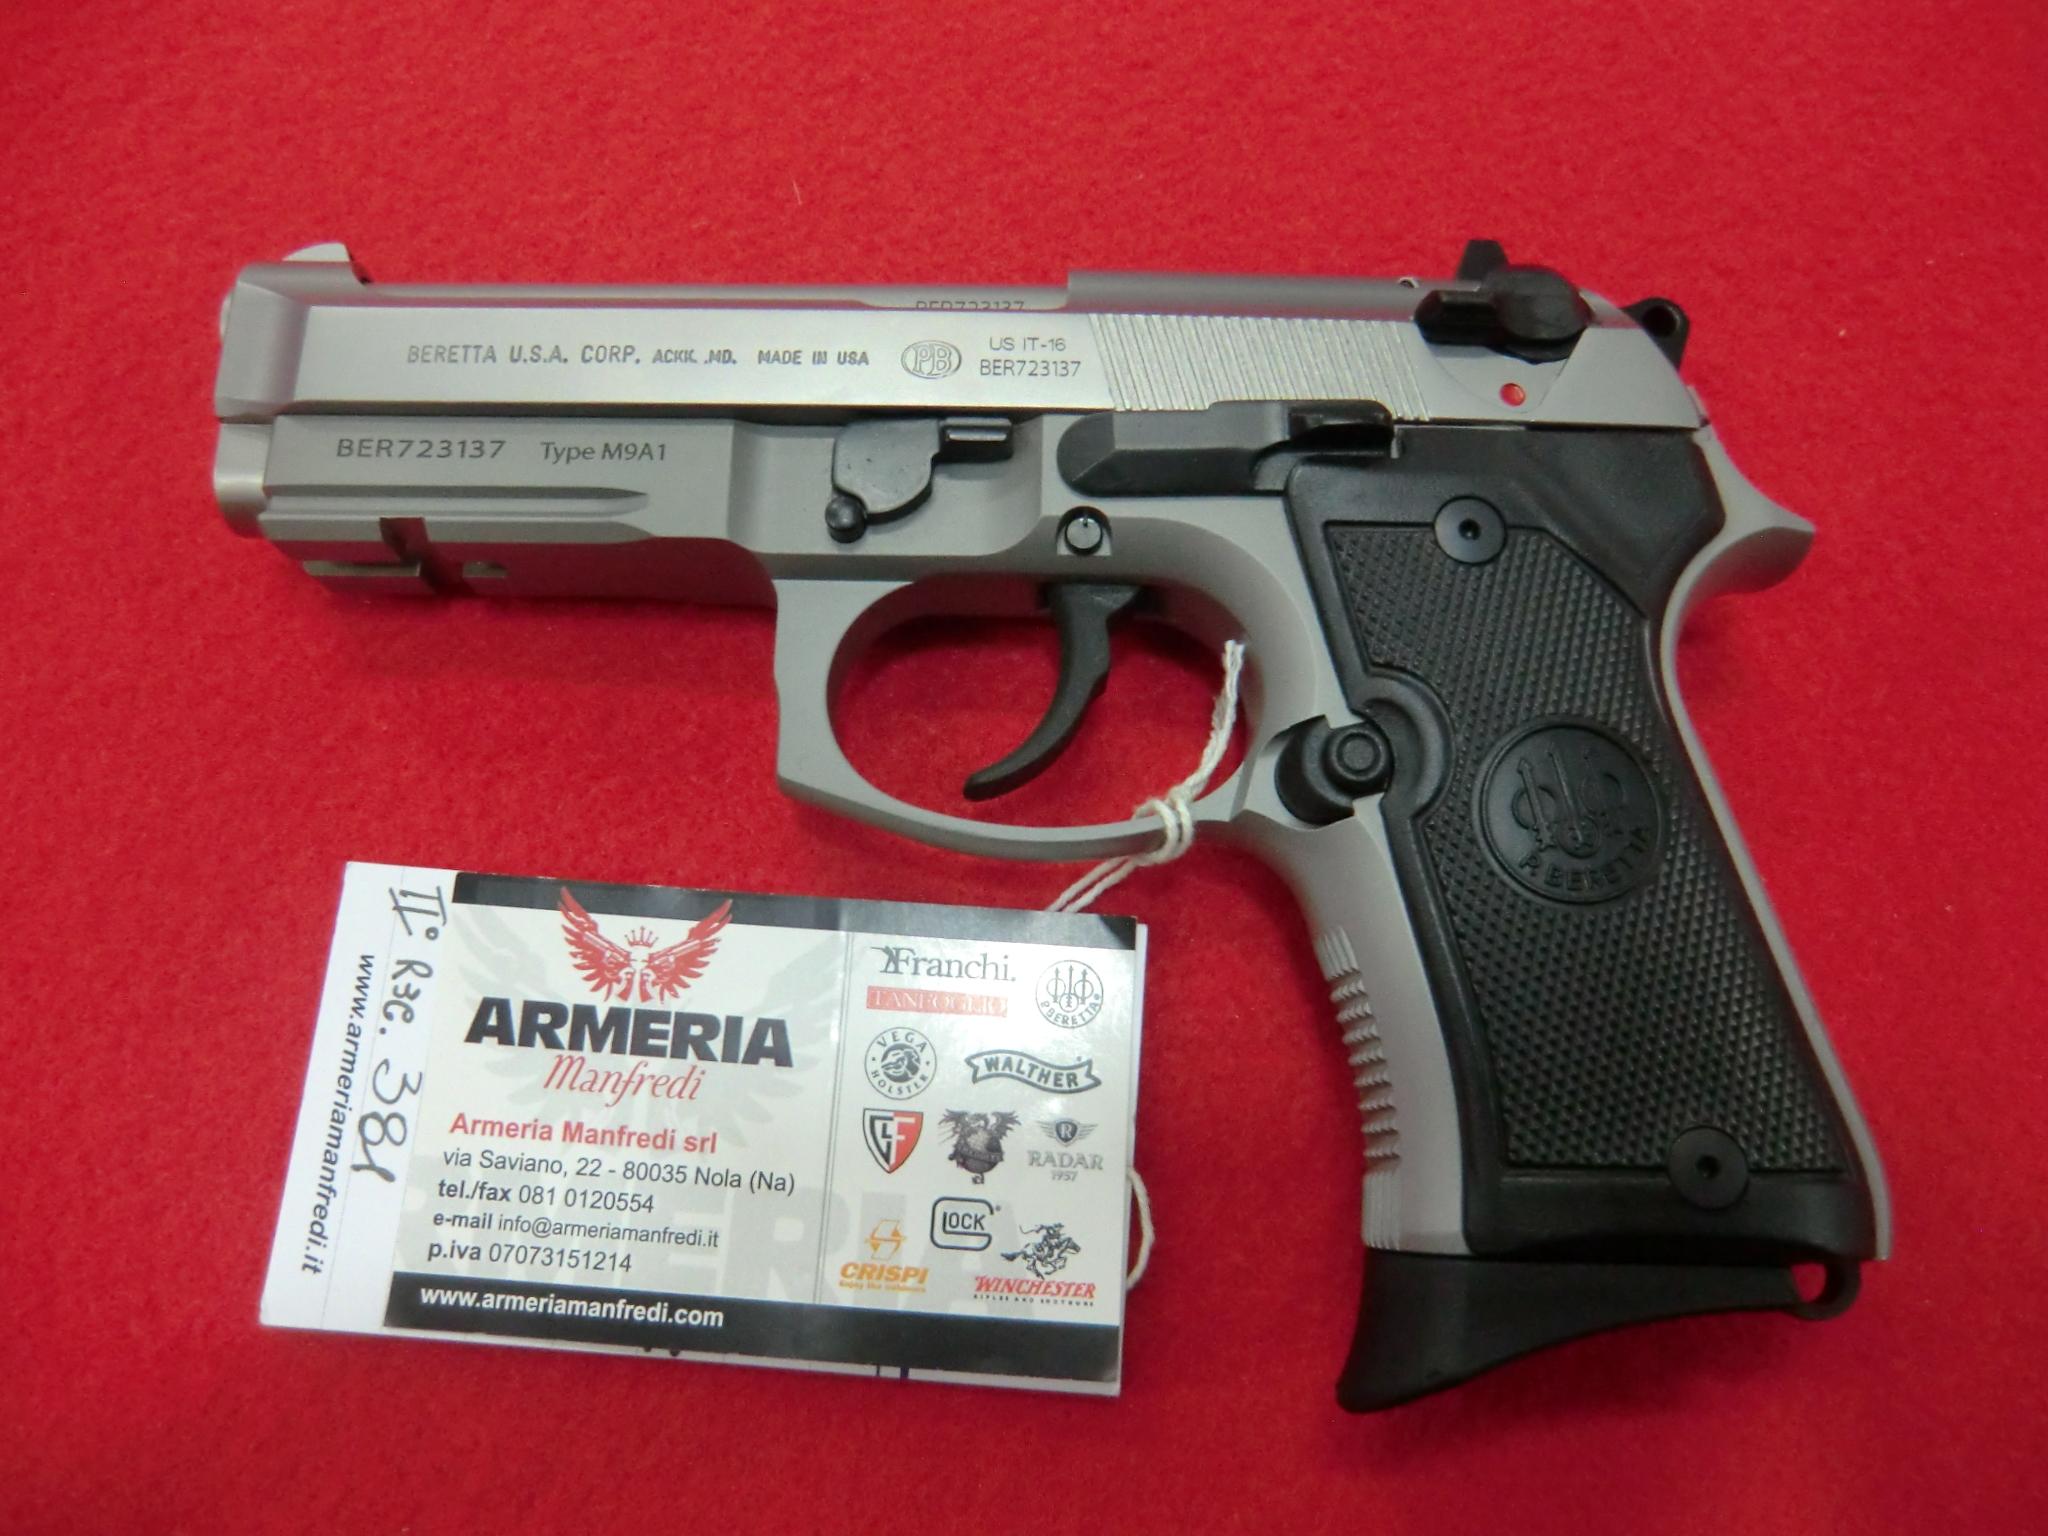 Beretta  modello M9A1-92 FS Compact calibro 9×21